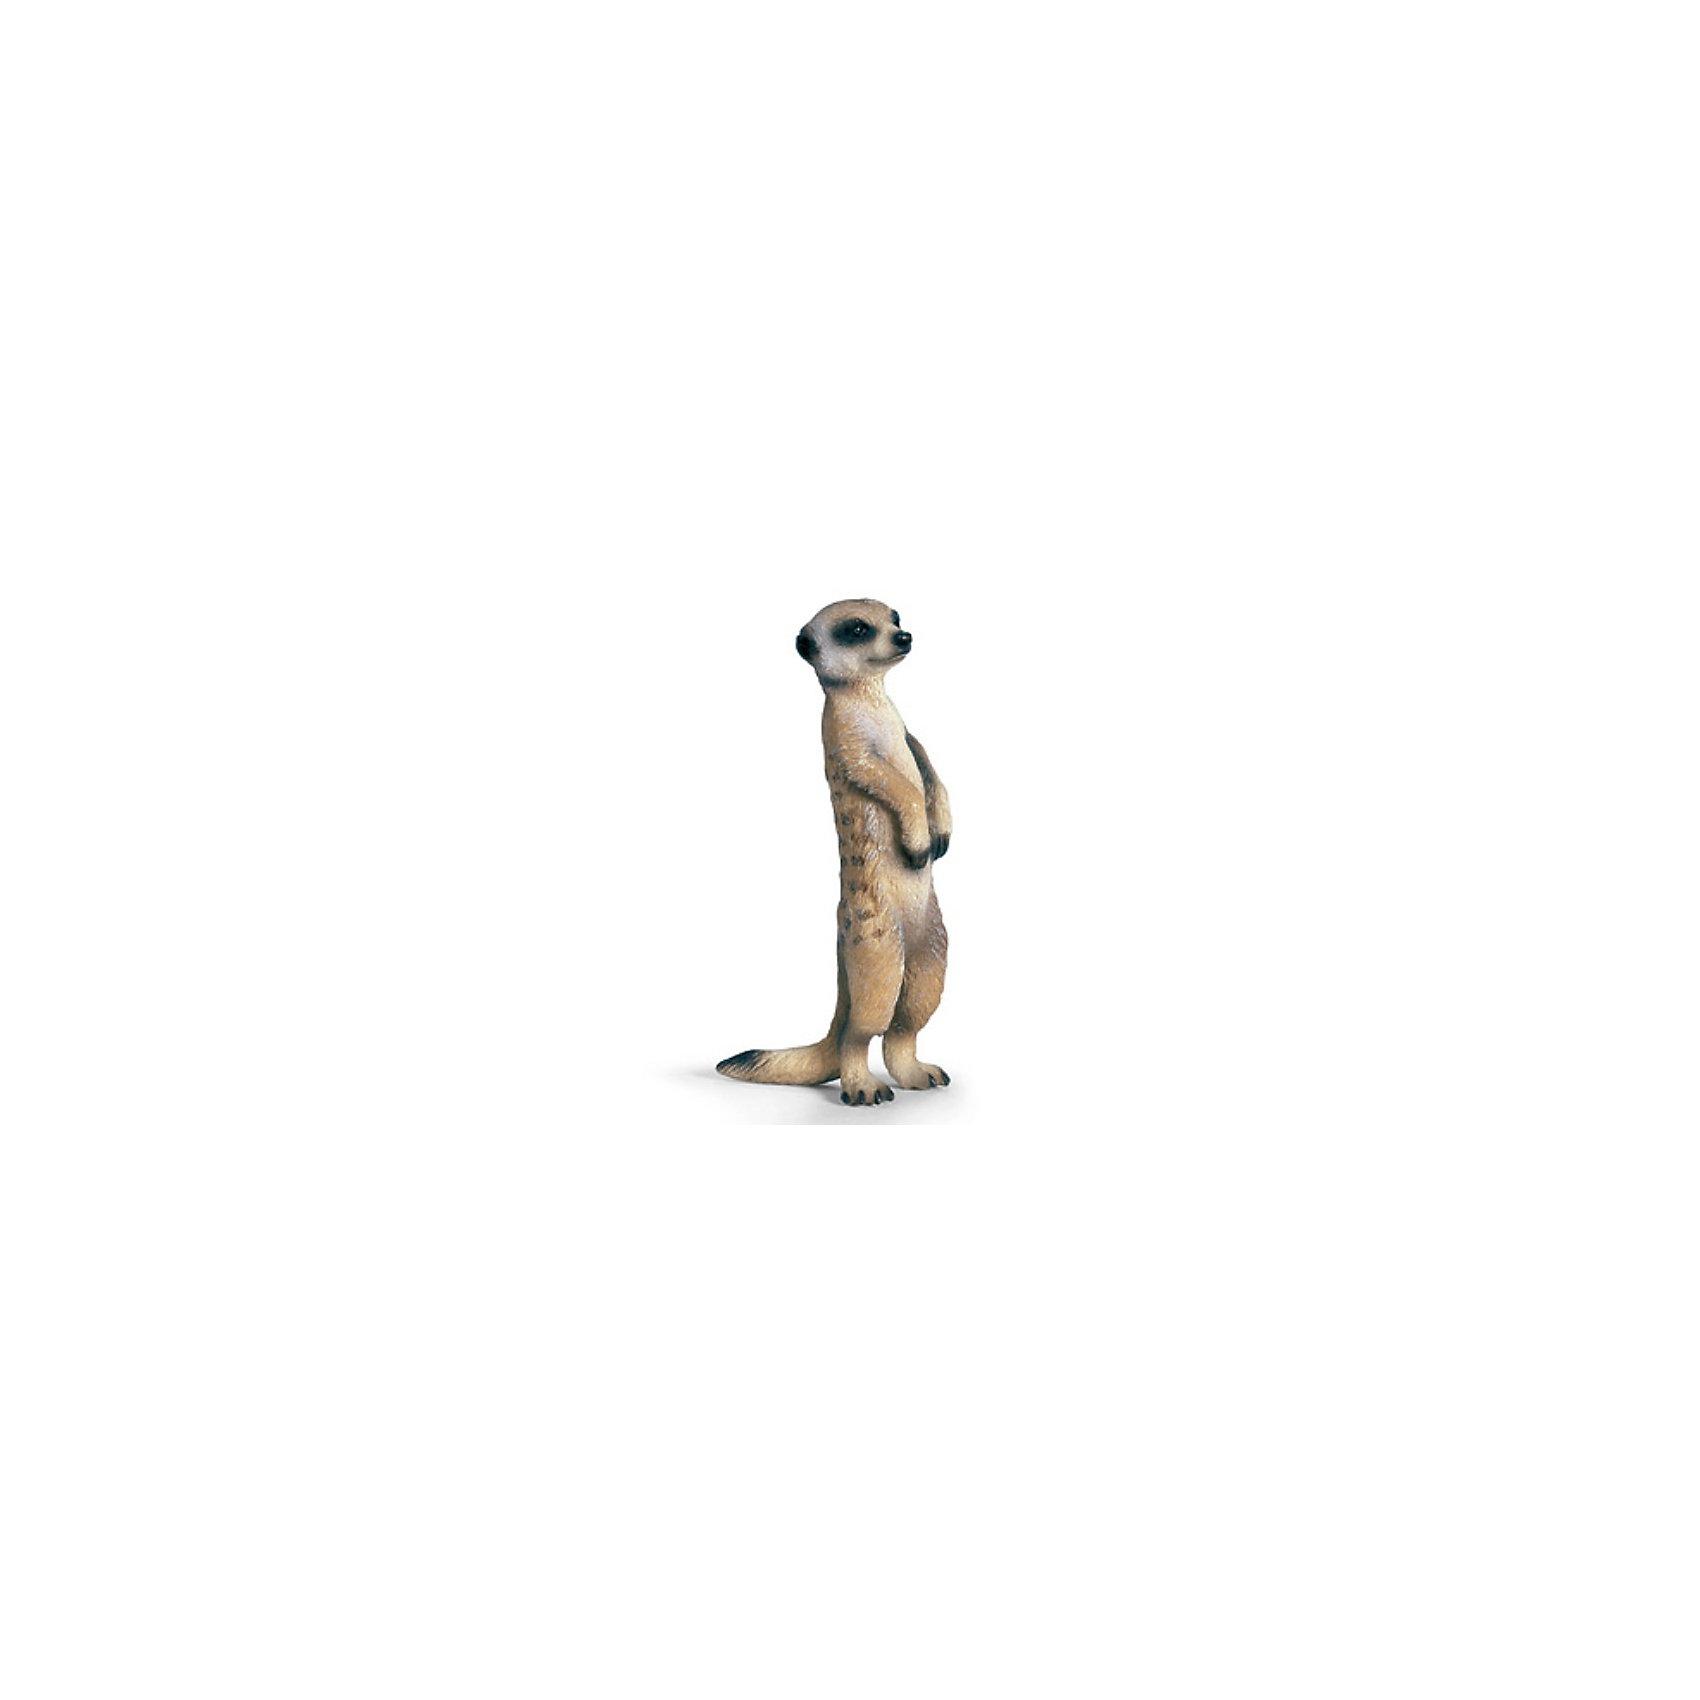 Schleich Schleich Суриката, стоячая. Серия Дикие животные фигурки игрушки schleich набор древние травоядные животные